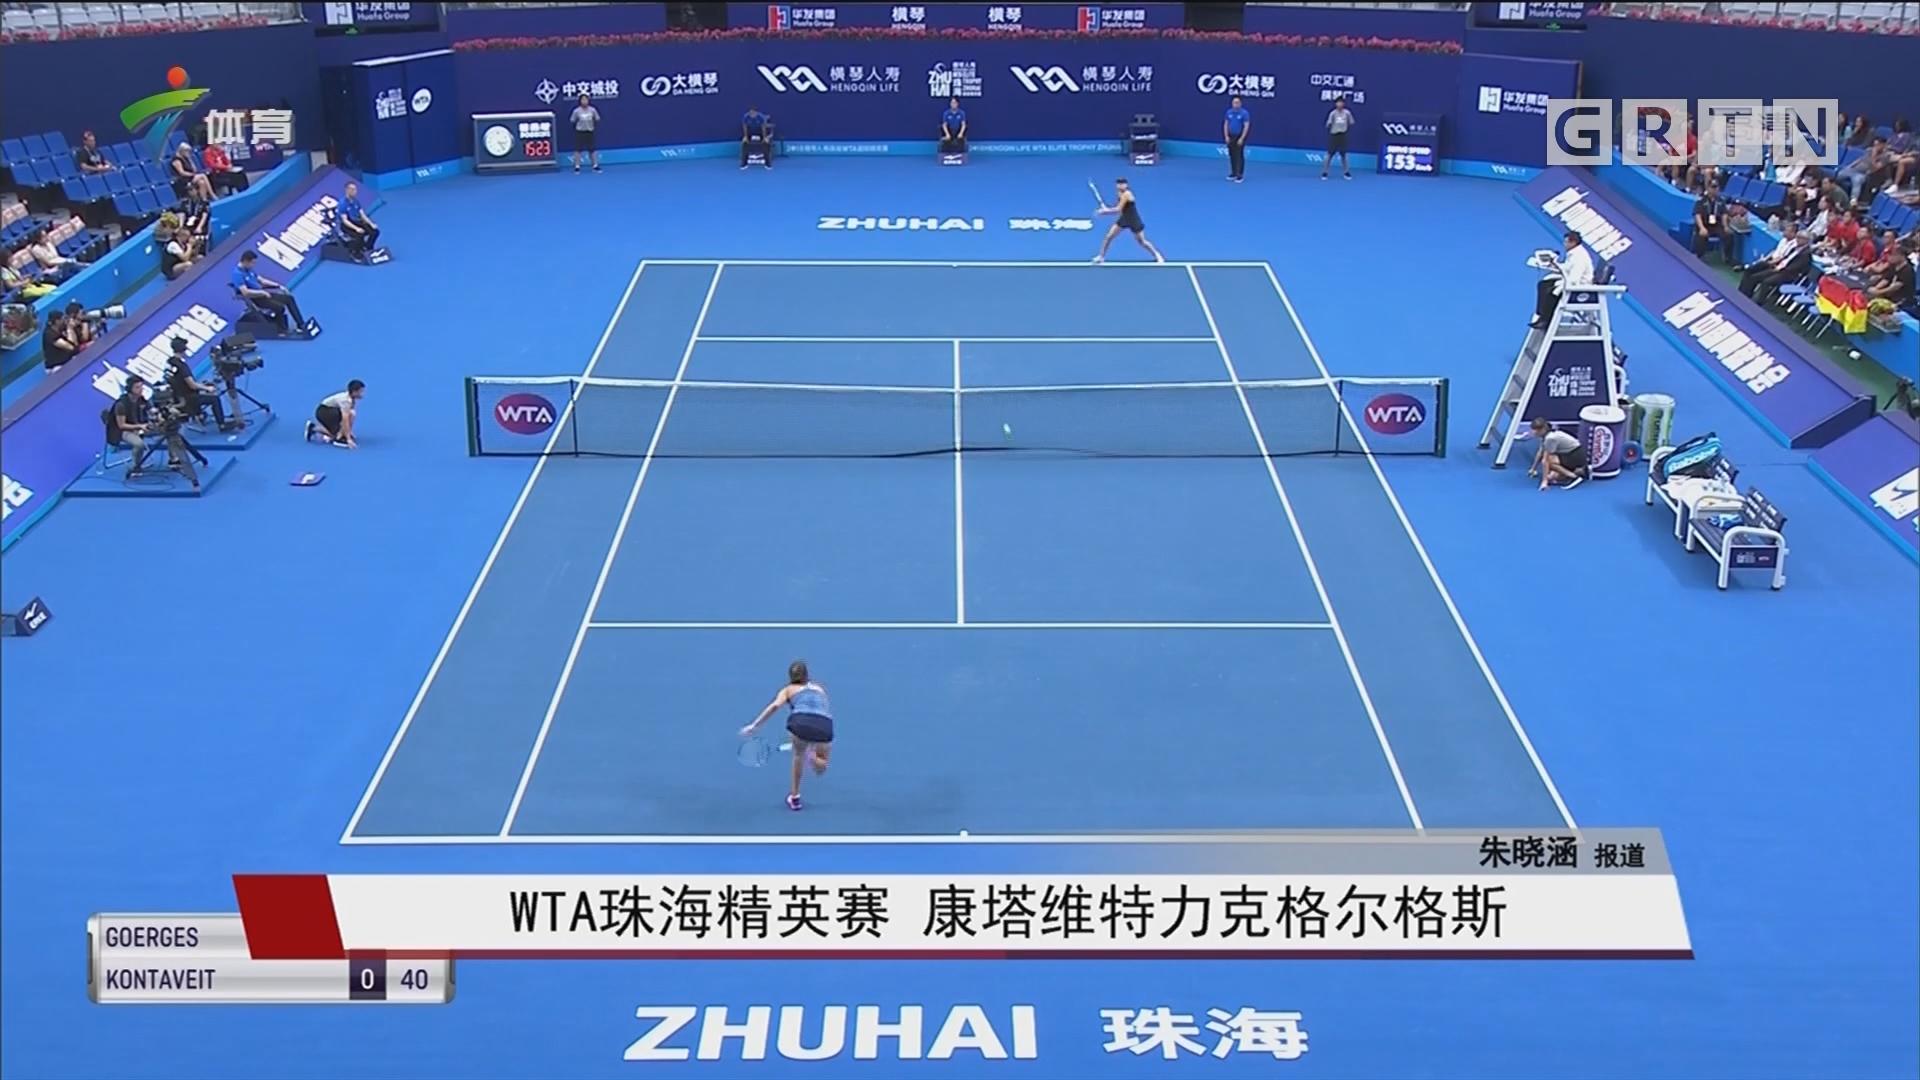 WTA珠海精英赛 康塔维特力克格尔格斯